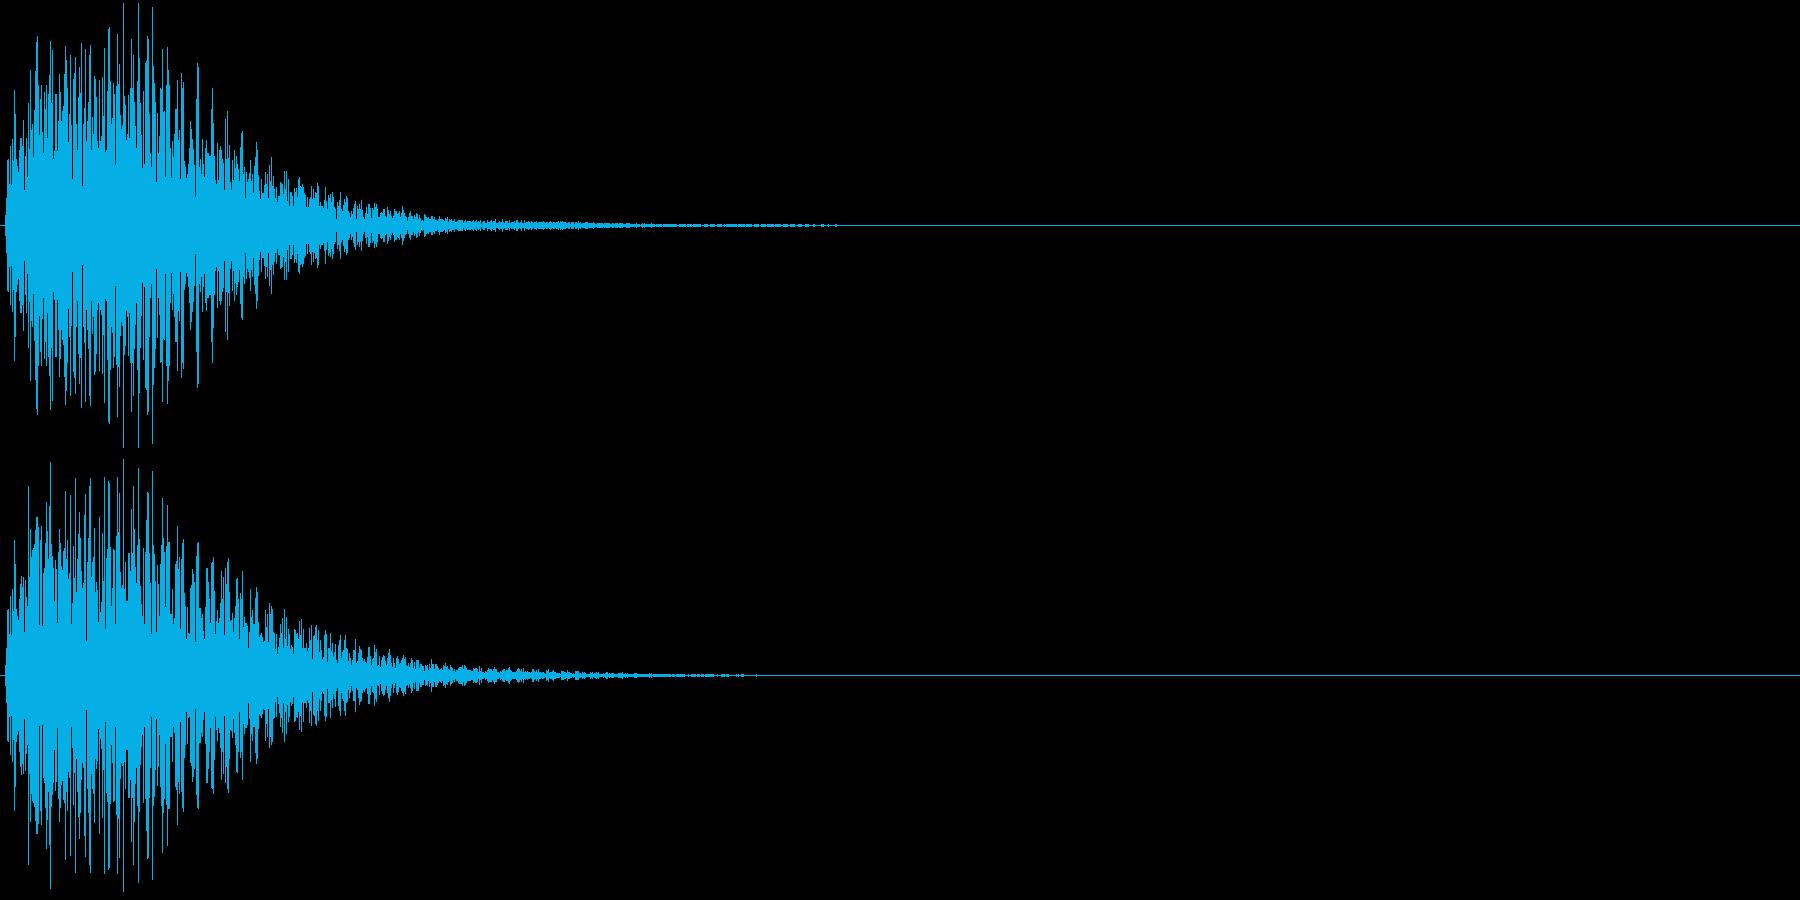 ジャン(操作音・選択・決定音・ボタン音)の再生済みの波形